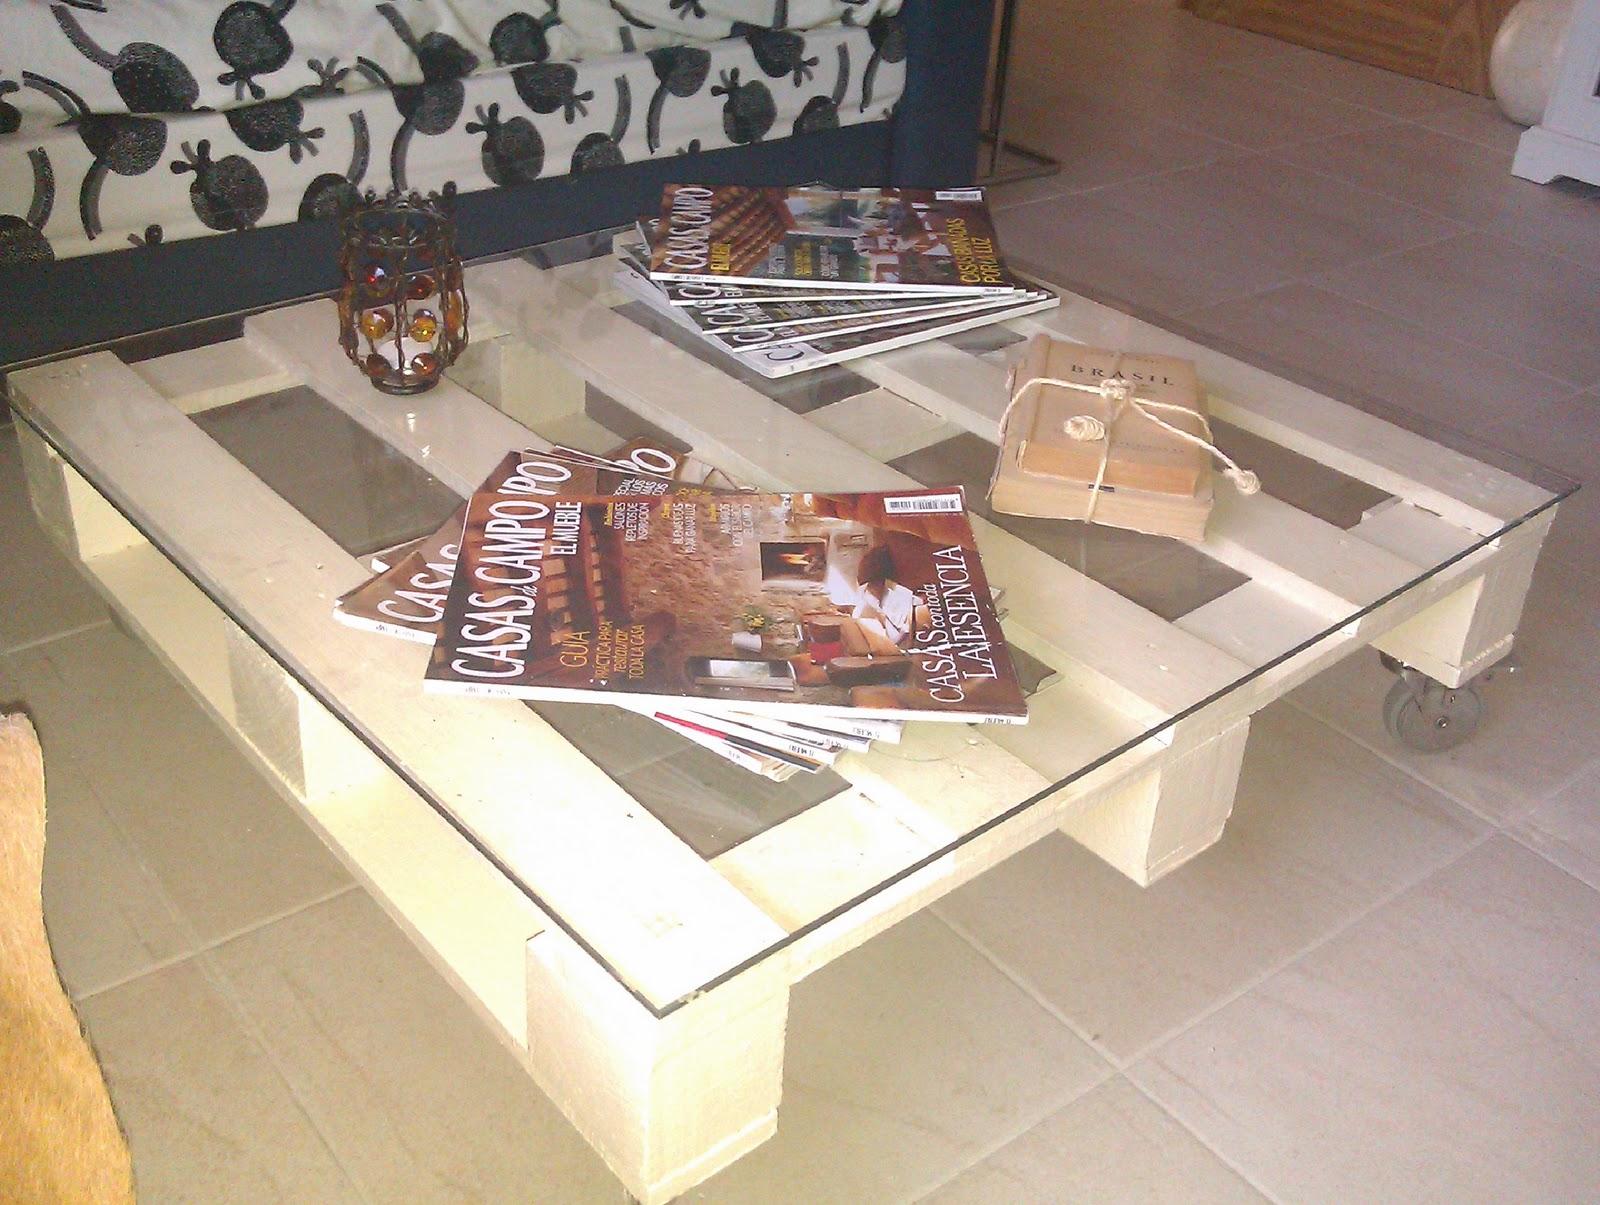 C mo hacer una mesa con un palet de madera industrial con - Mesas de palet ...